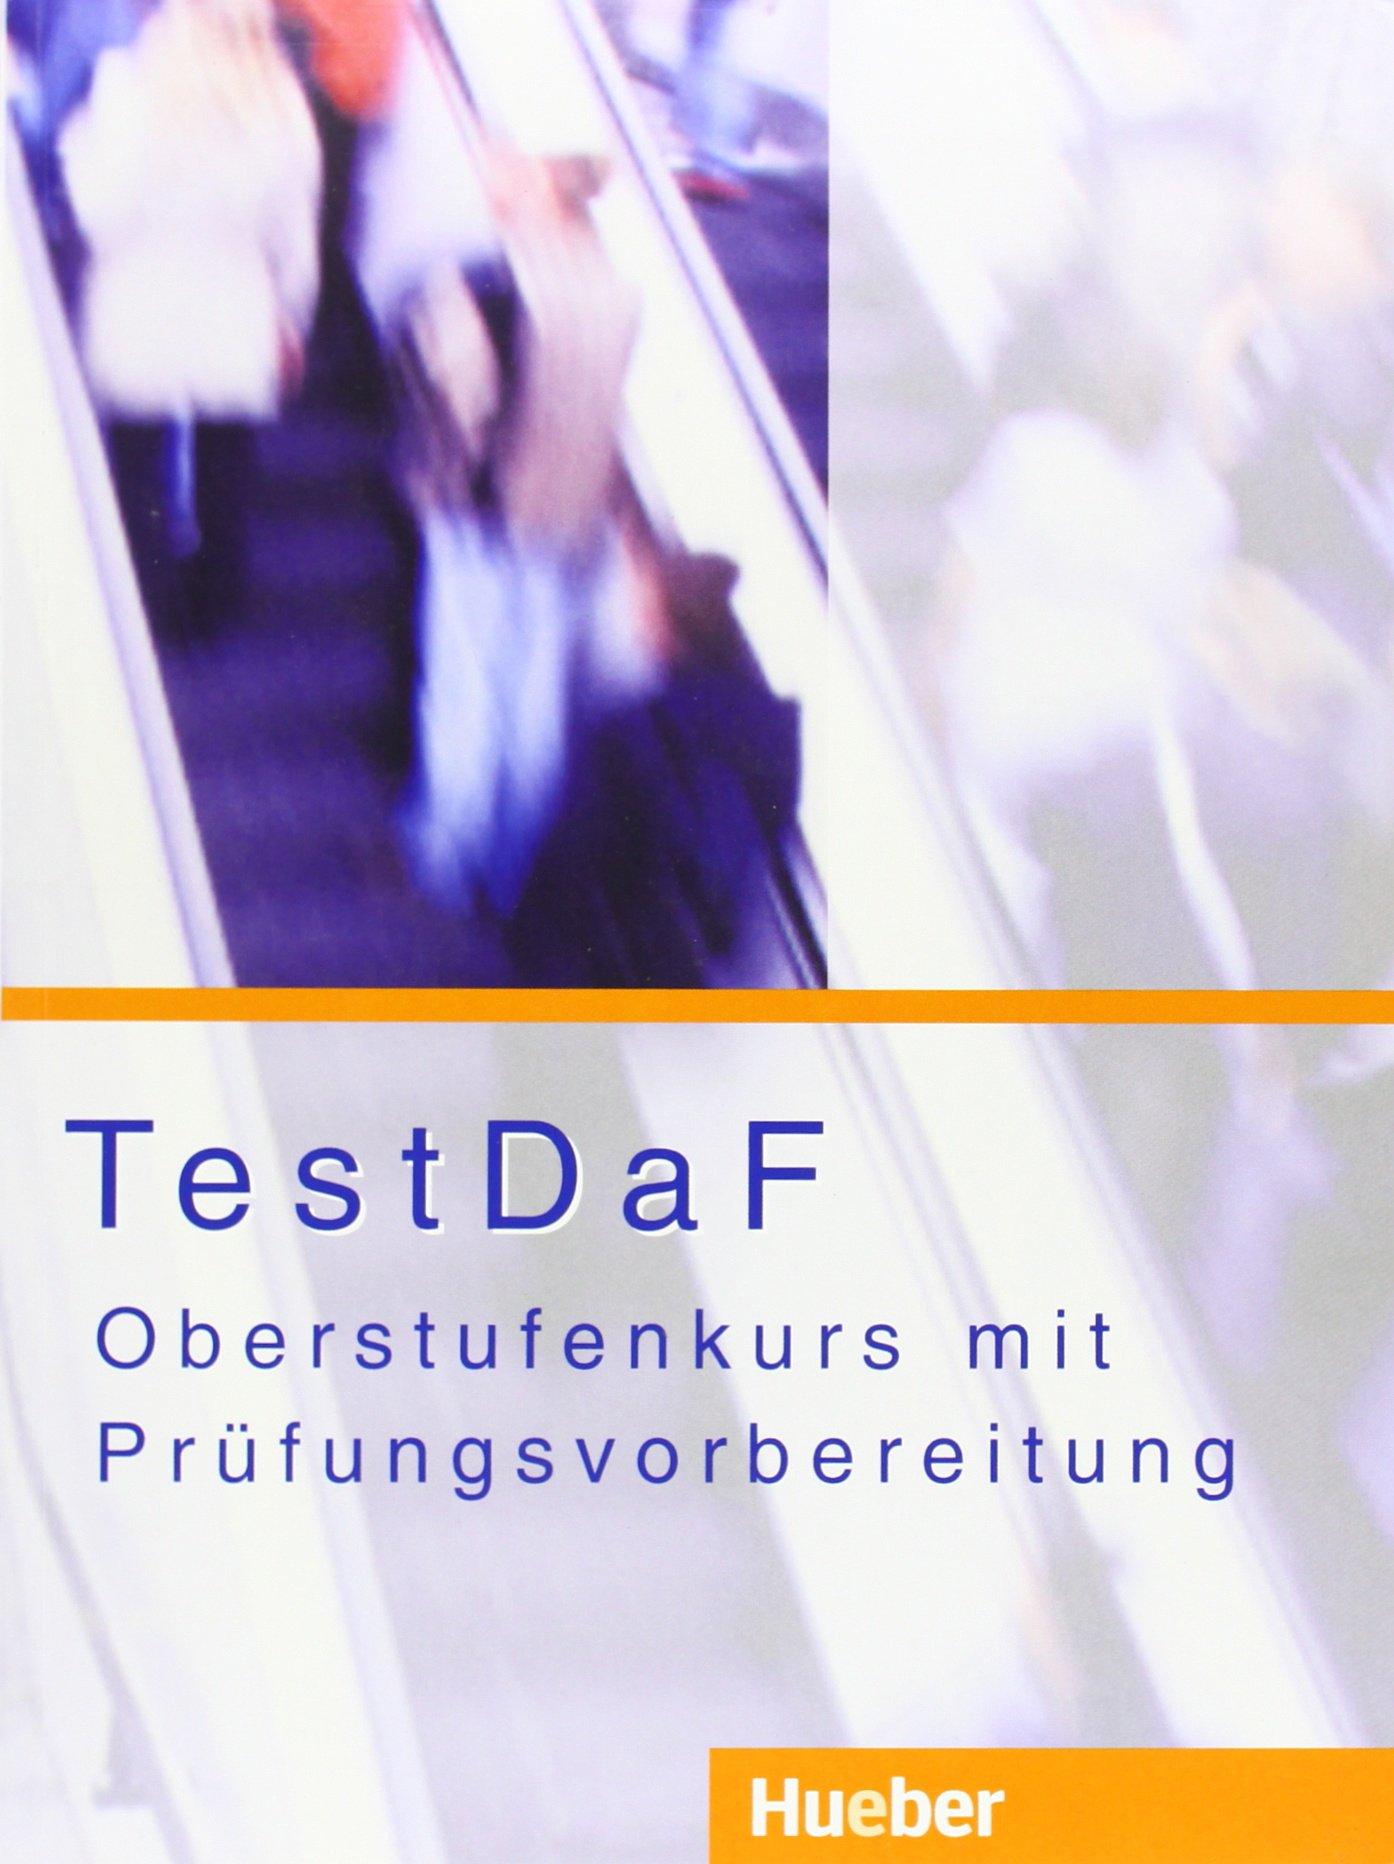 testdaf oberstufenkurs mit prfungsvorbereitung deutsch als fremdsprache amazonde stefan glienicke klaus markus katthagen bcher - Testdaf Prufung Beispiel Pdf